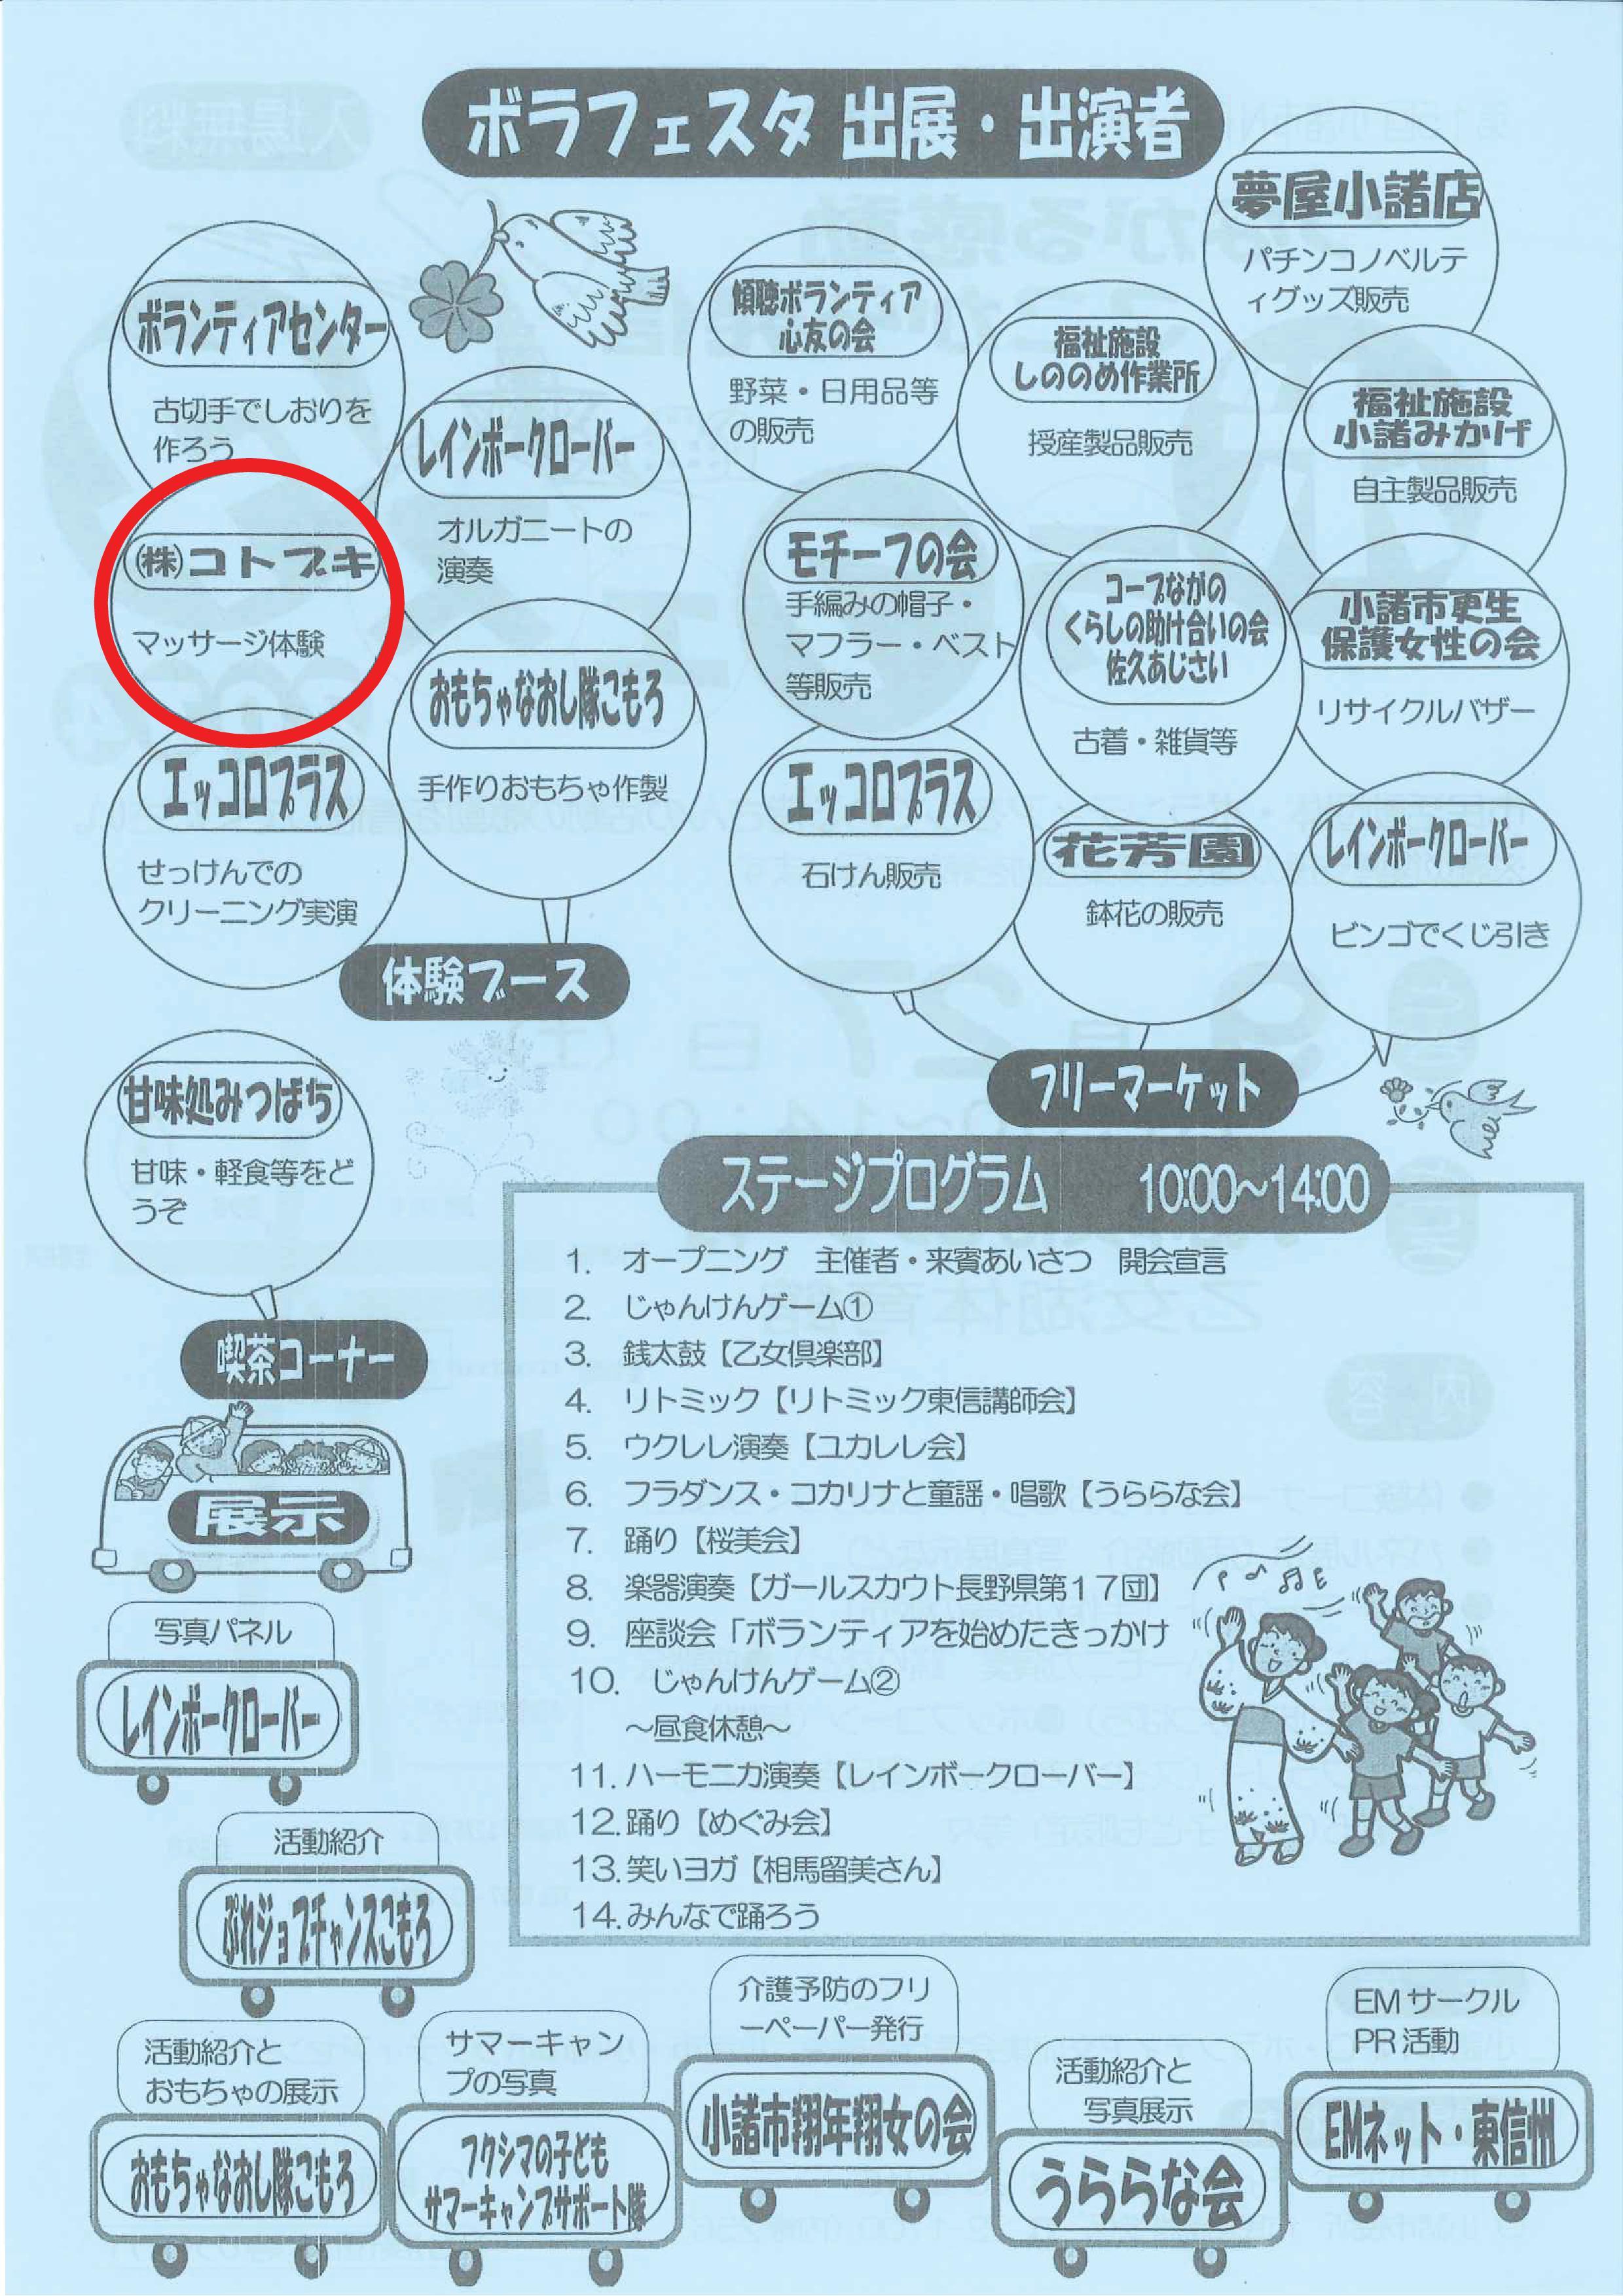 ボラフェスタ ちらし (2)